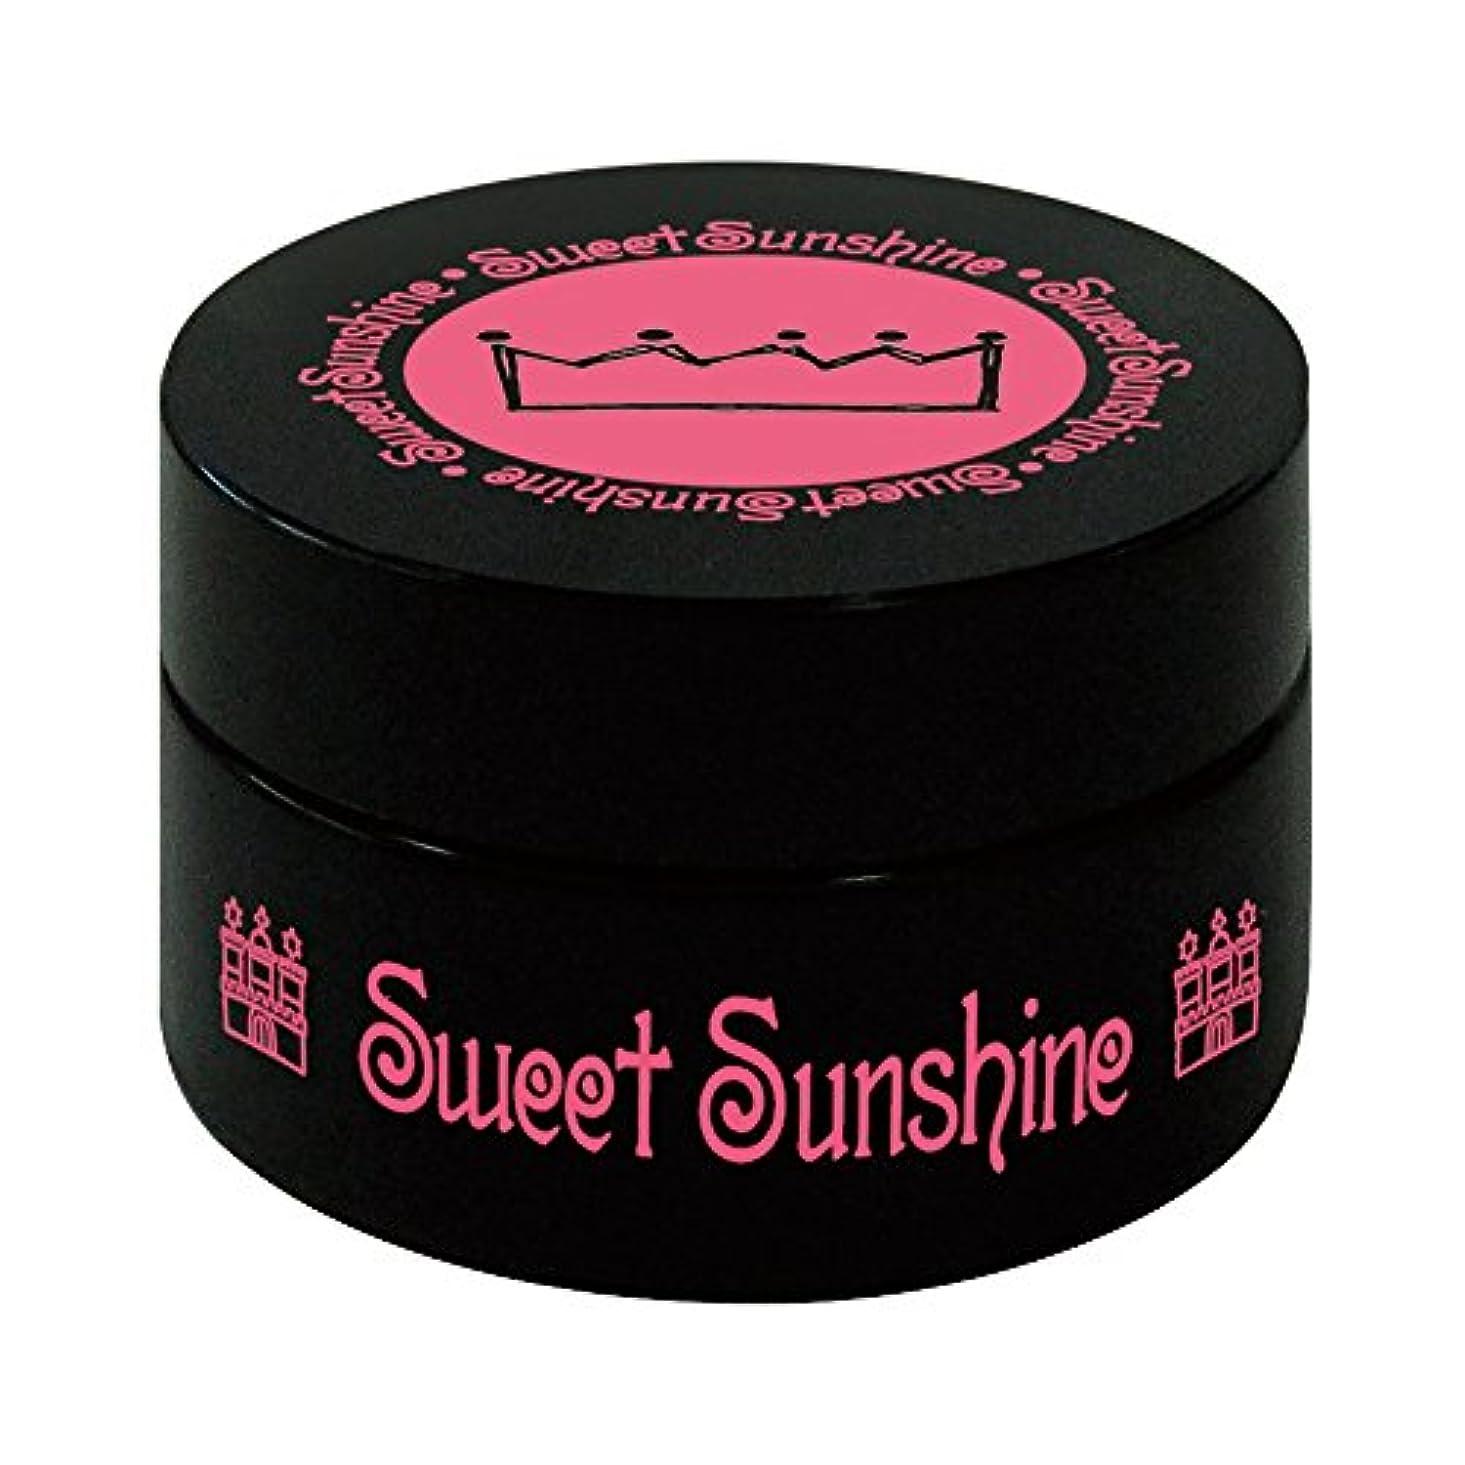 ベーカリー後浪費Sweet Sunshine カラージェル 4g RSC- 8 プリンセスオランジェ マット UV/LED対応